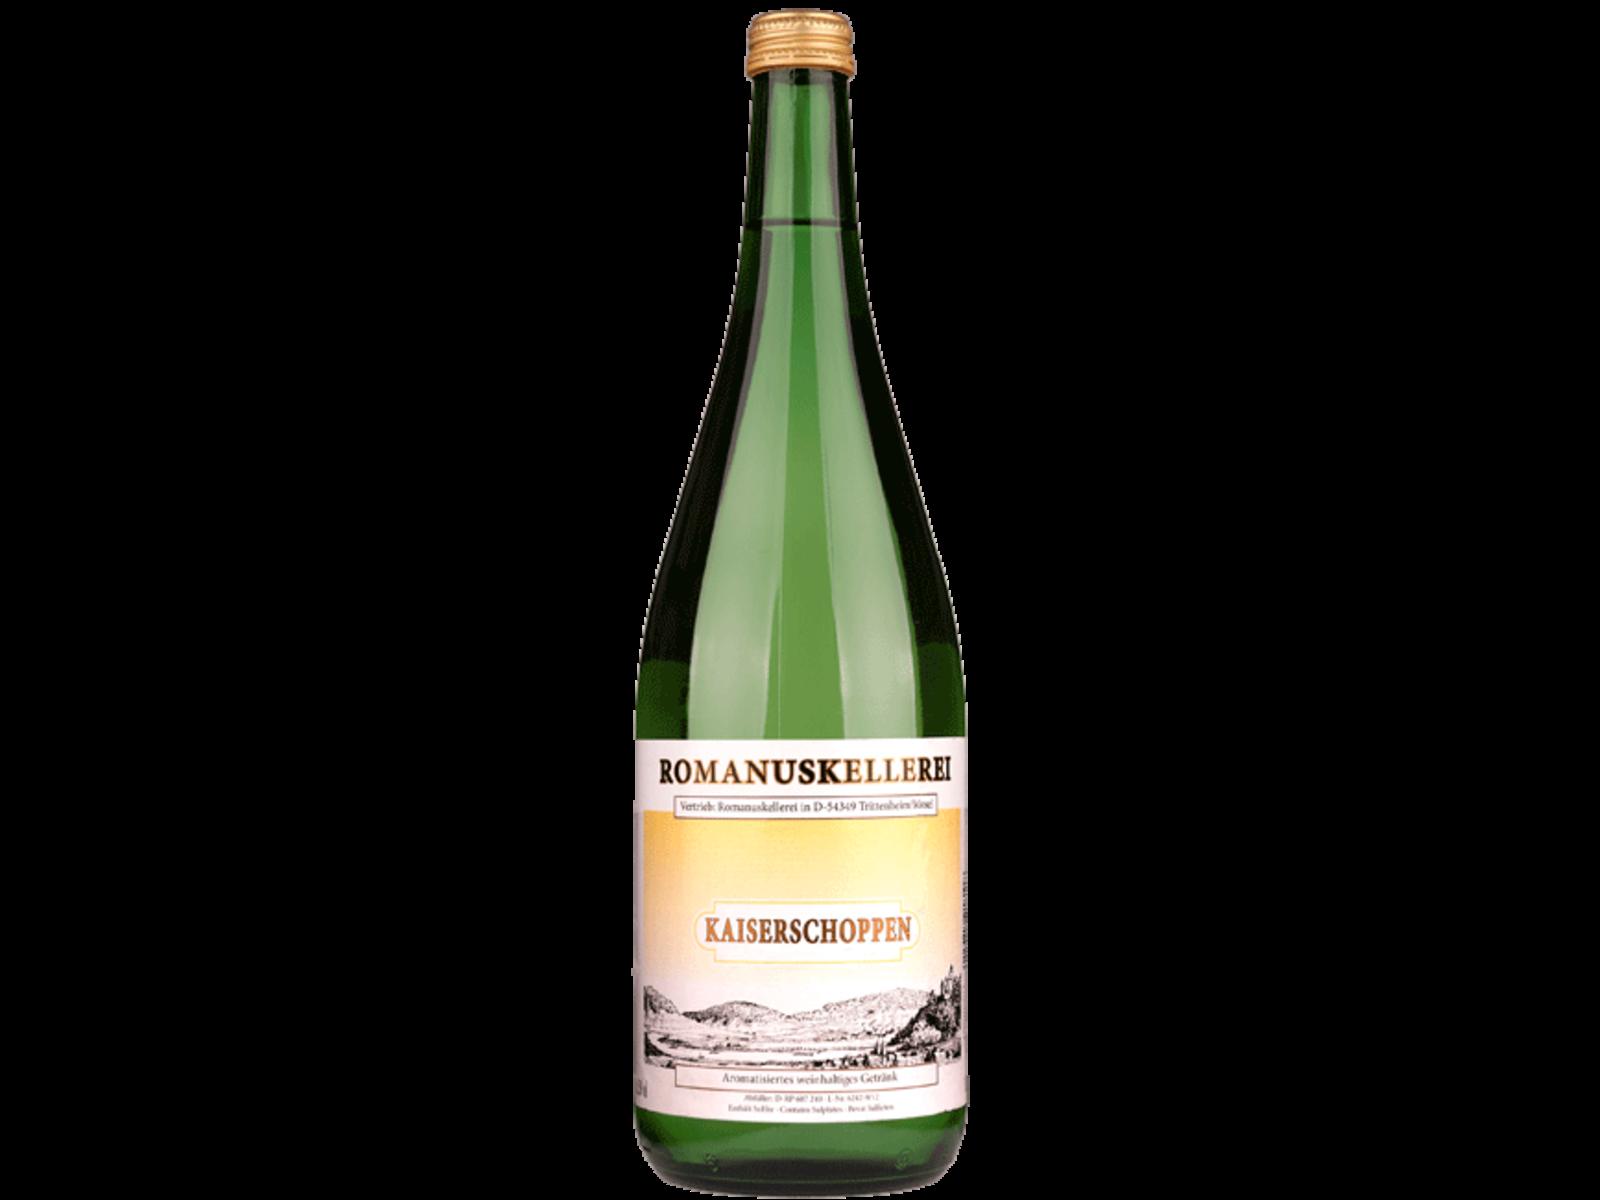 Gebrüder Steffen Kaiserschoppen Romanuskellerei Awg-Wein